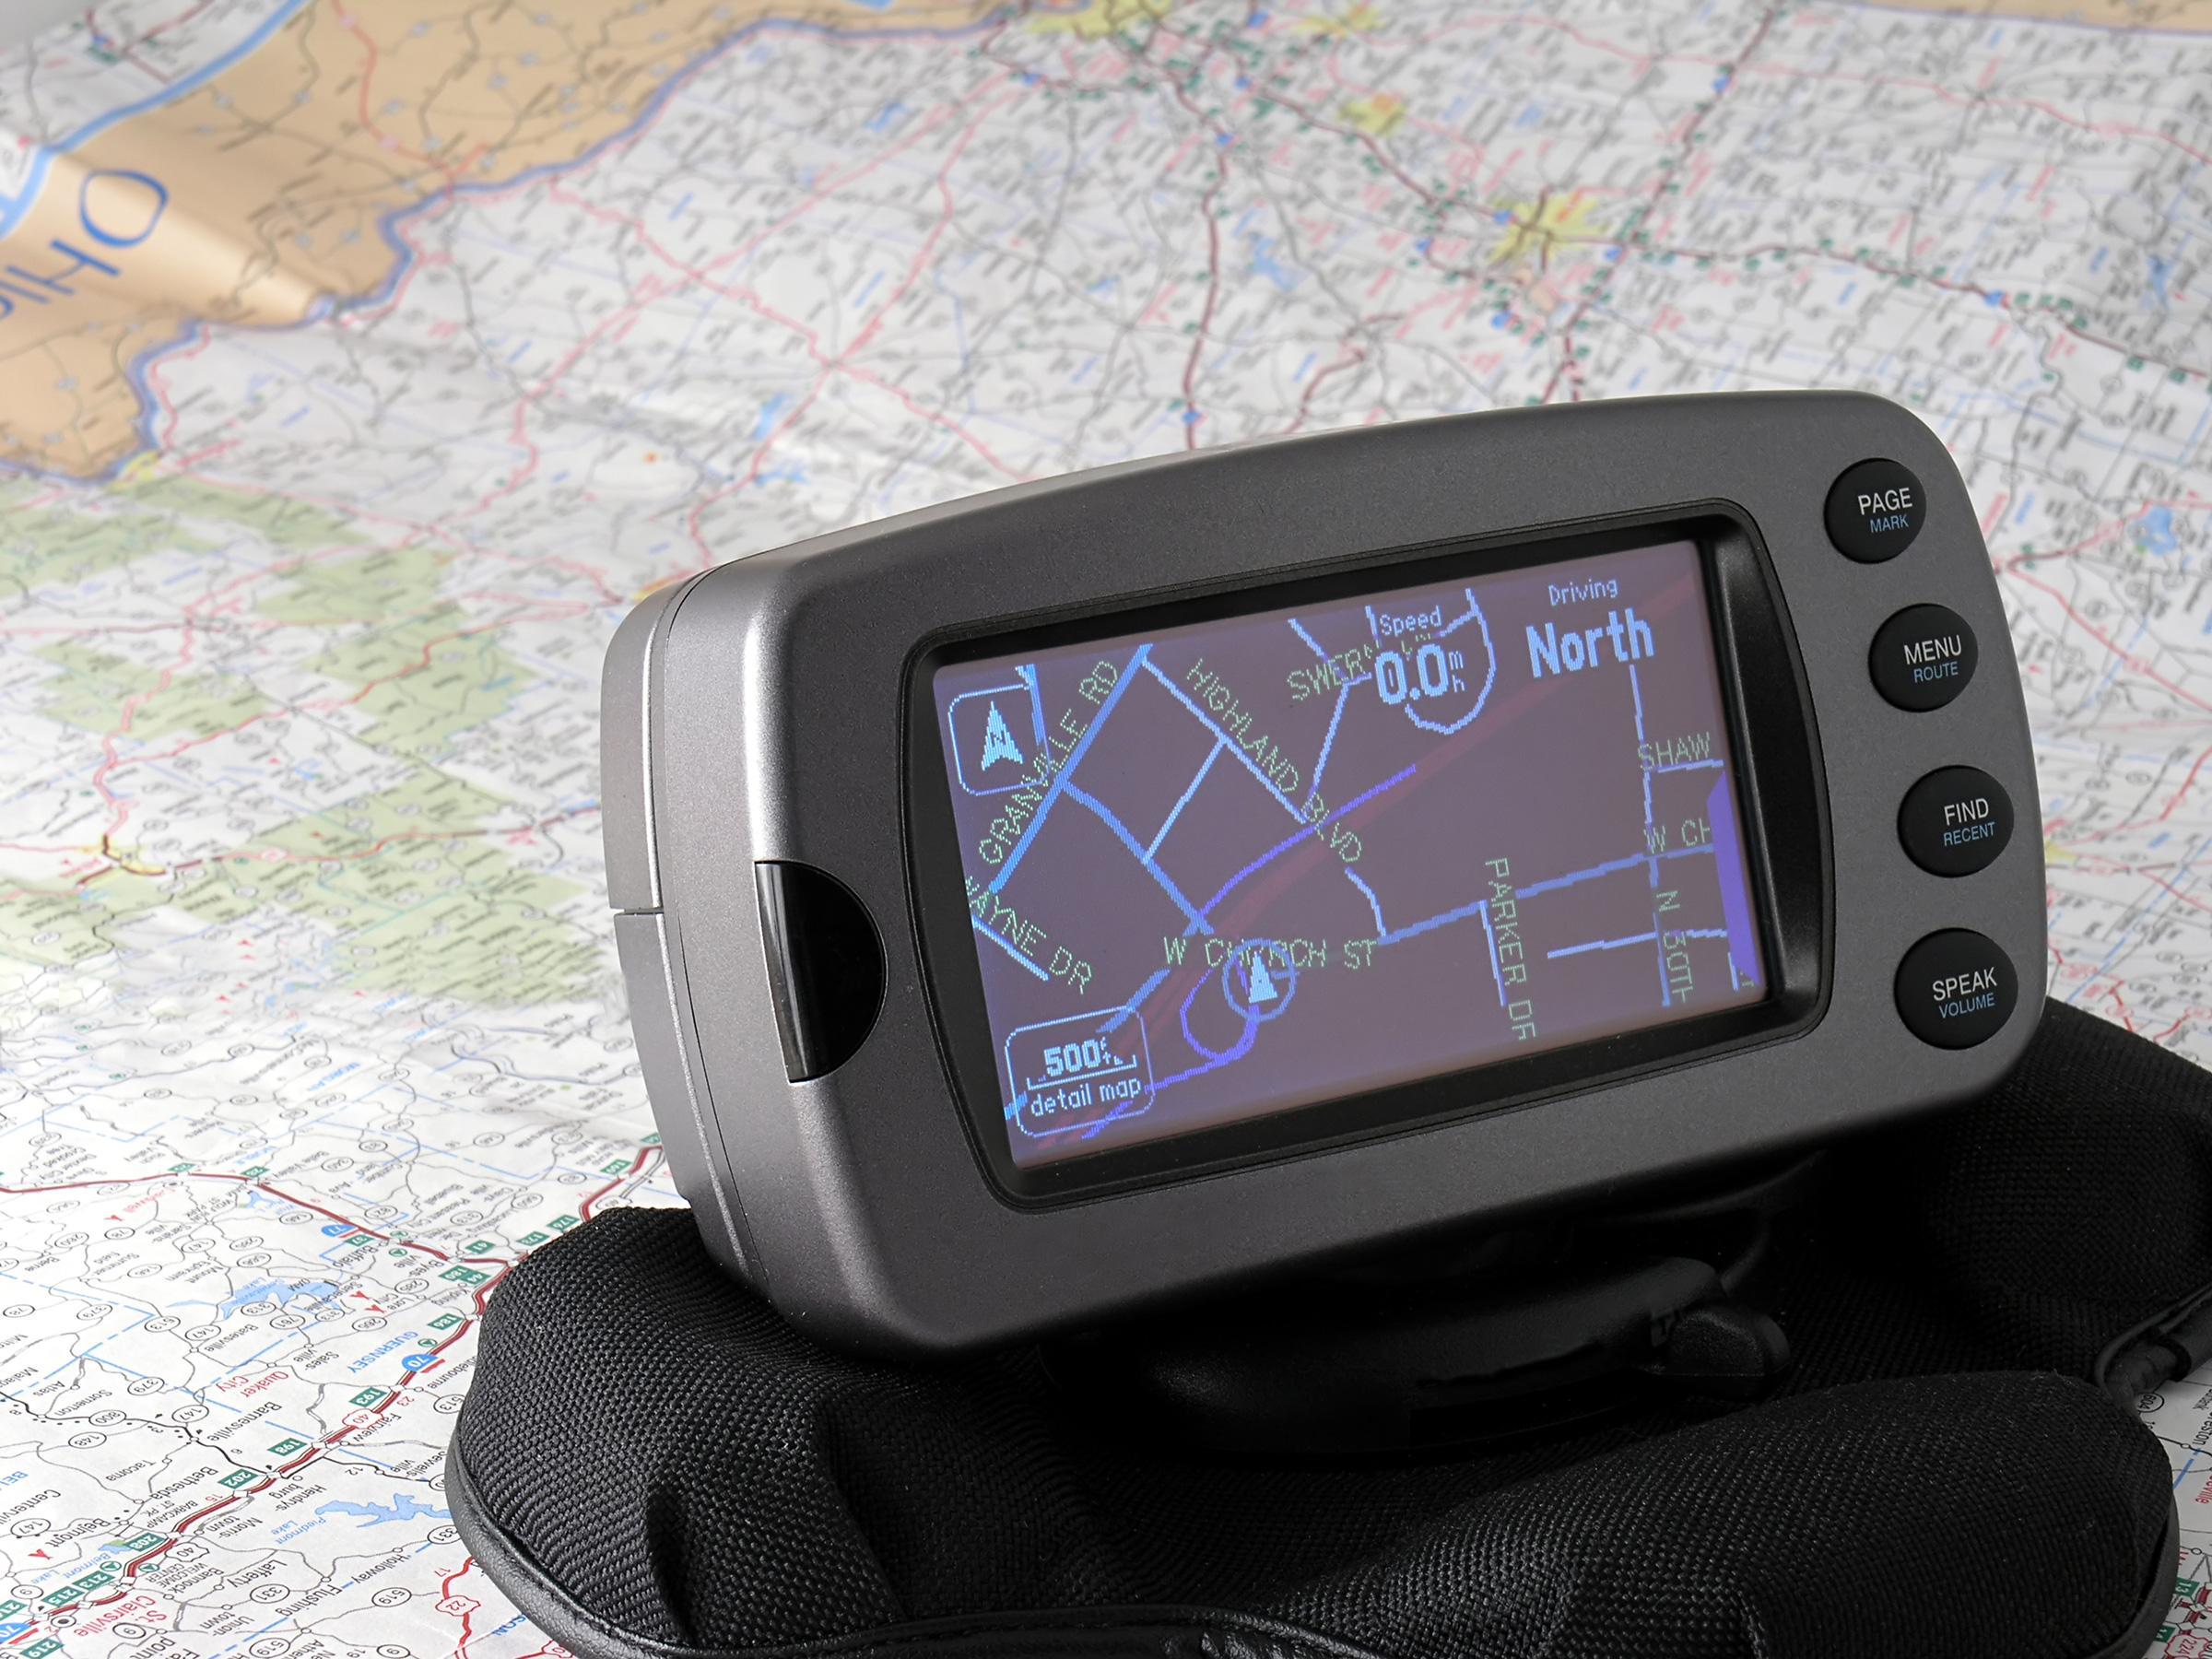 Heldigvis har vi fått digitale kart, og slipper å plotte inn koordinatene selv.Foto: Tom Mc Nemar / Shutterstock.com